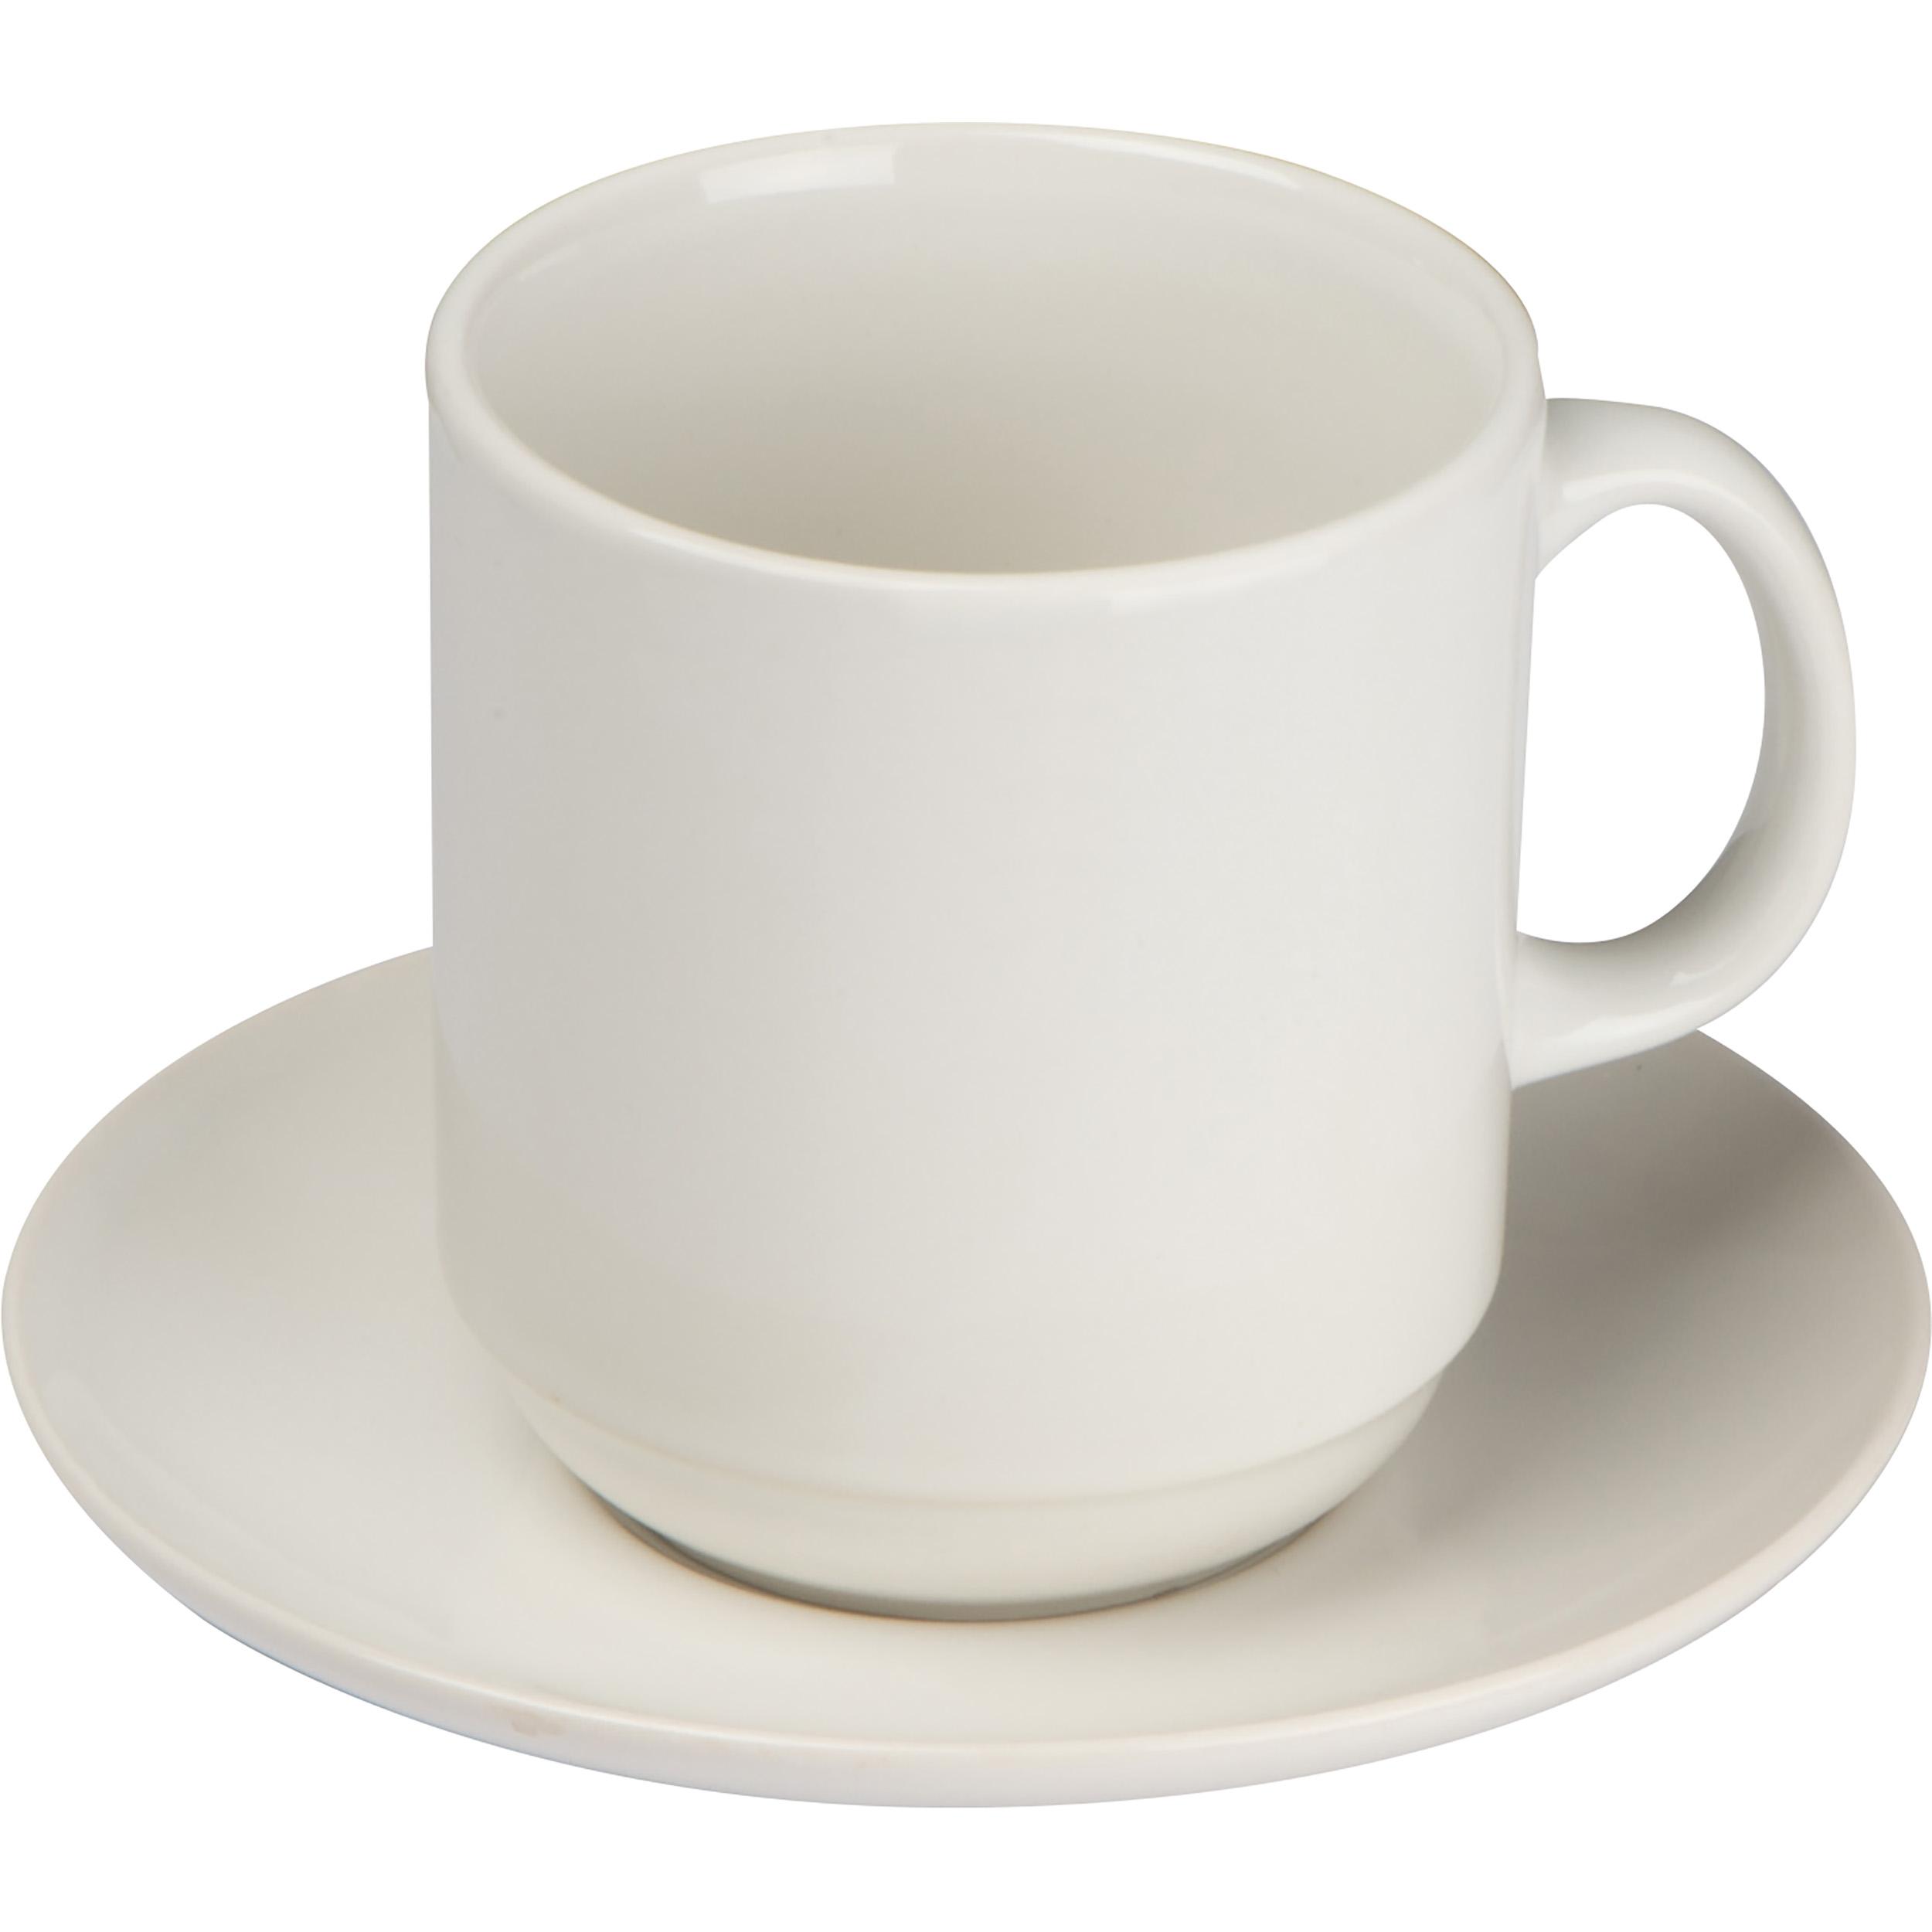 Set aus weißer Kaffeetasse mit Untersetzer, 300 ml